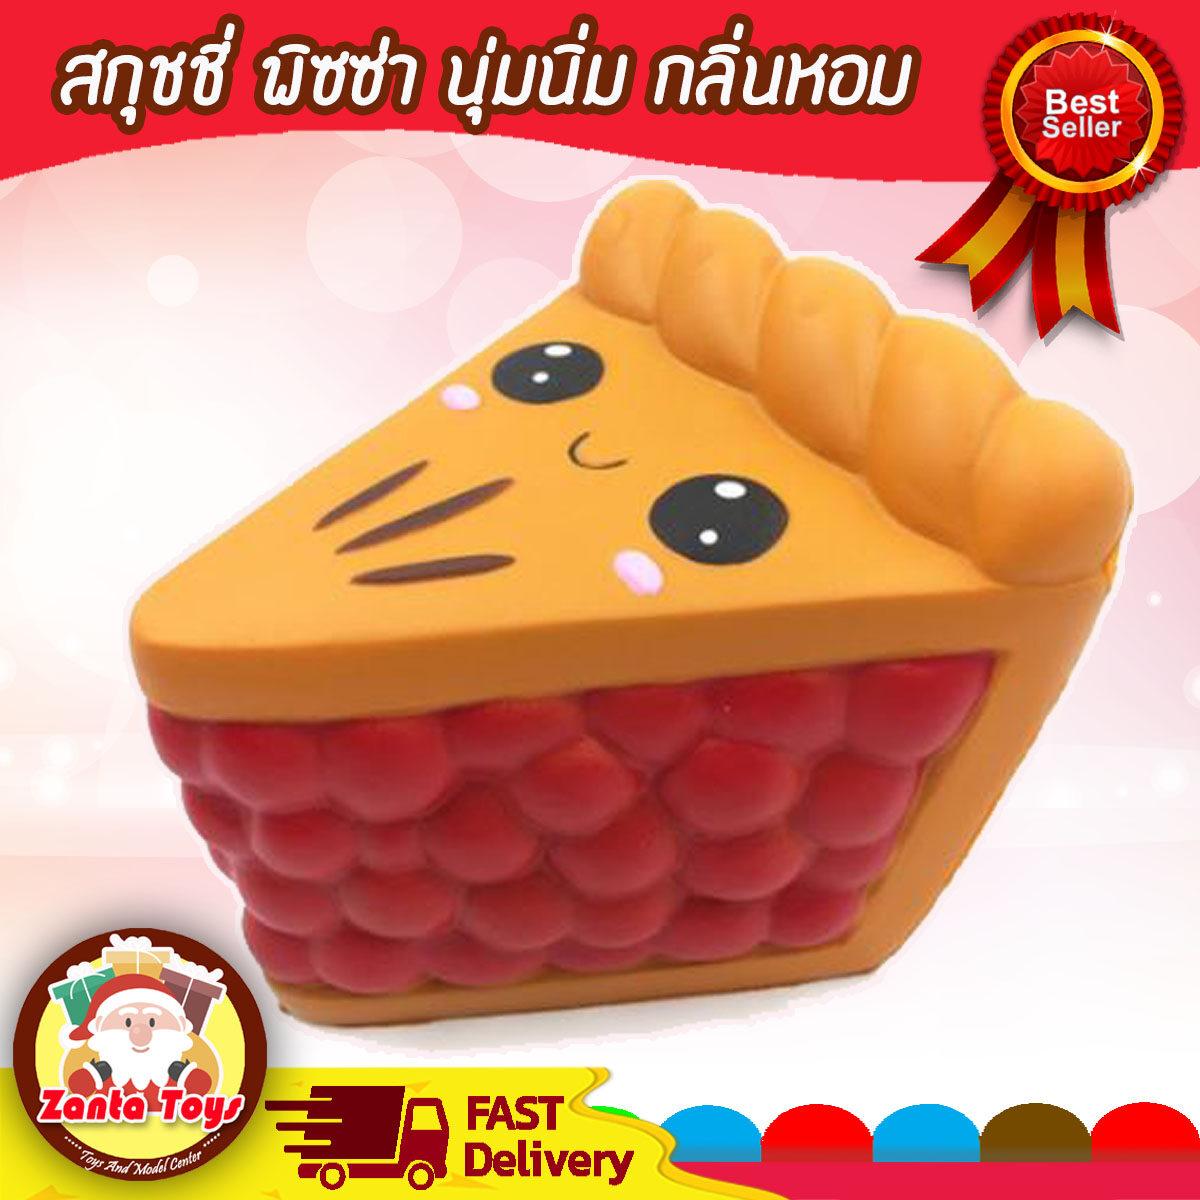 สกุชชี่ Squishy พิซซ่า เค้ก แซนด์วิช สุดน่ารัก ของเล่นเด็กสุดฮิต นุ่มนิ่ม มีกลิ่นหอม Squishy ที่บีบลดความเครียดการ์ตูนคิตตี้น่ารักปล่อยกลิ่นช้าของเล่น ของเล่นตุ๊กตาสกุชชี่บีบ รูปยูนิคอร์น ของเล่นบรรเทาความเครียด สำหรับเด็ก.